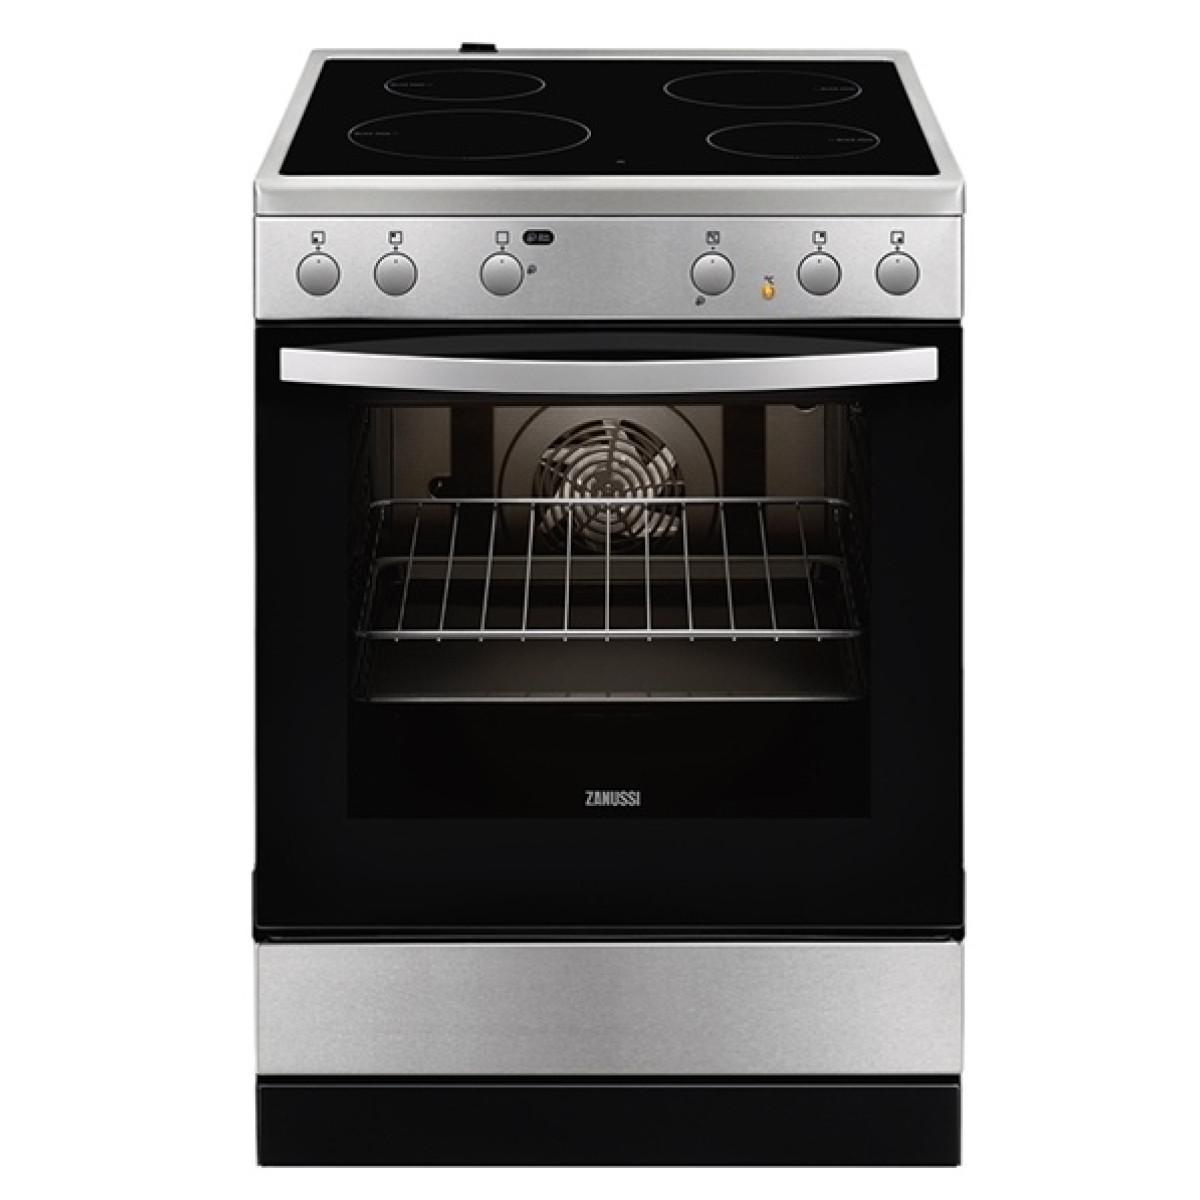 Κουζινες - Zanussi Κουζίνα Κεραμική ZCV65020XA (72Lt A) Κουζίνες κεραμικές Ηλεκτρικες Συσκευες - homeelectrics.gr